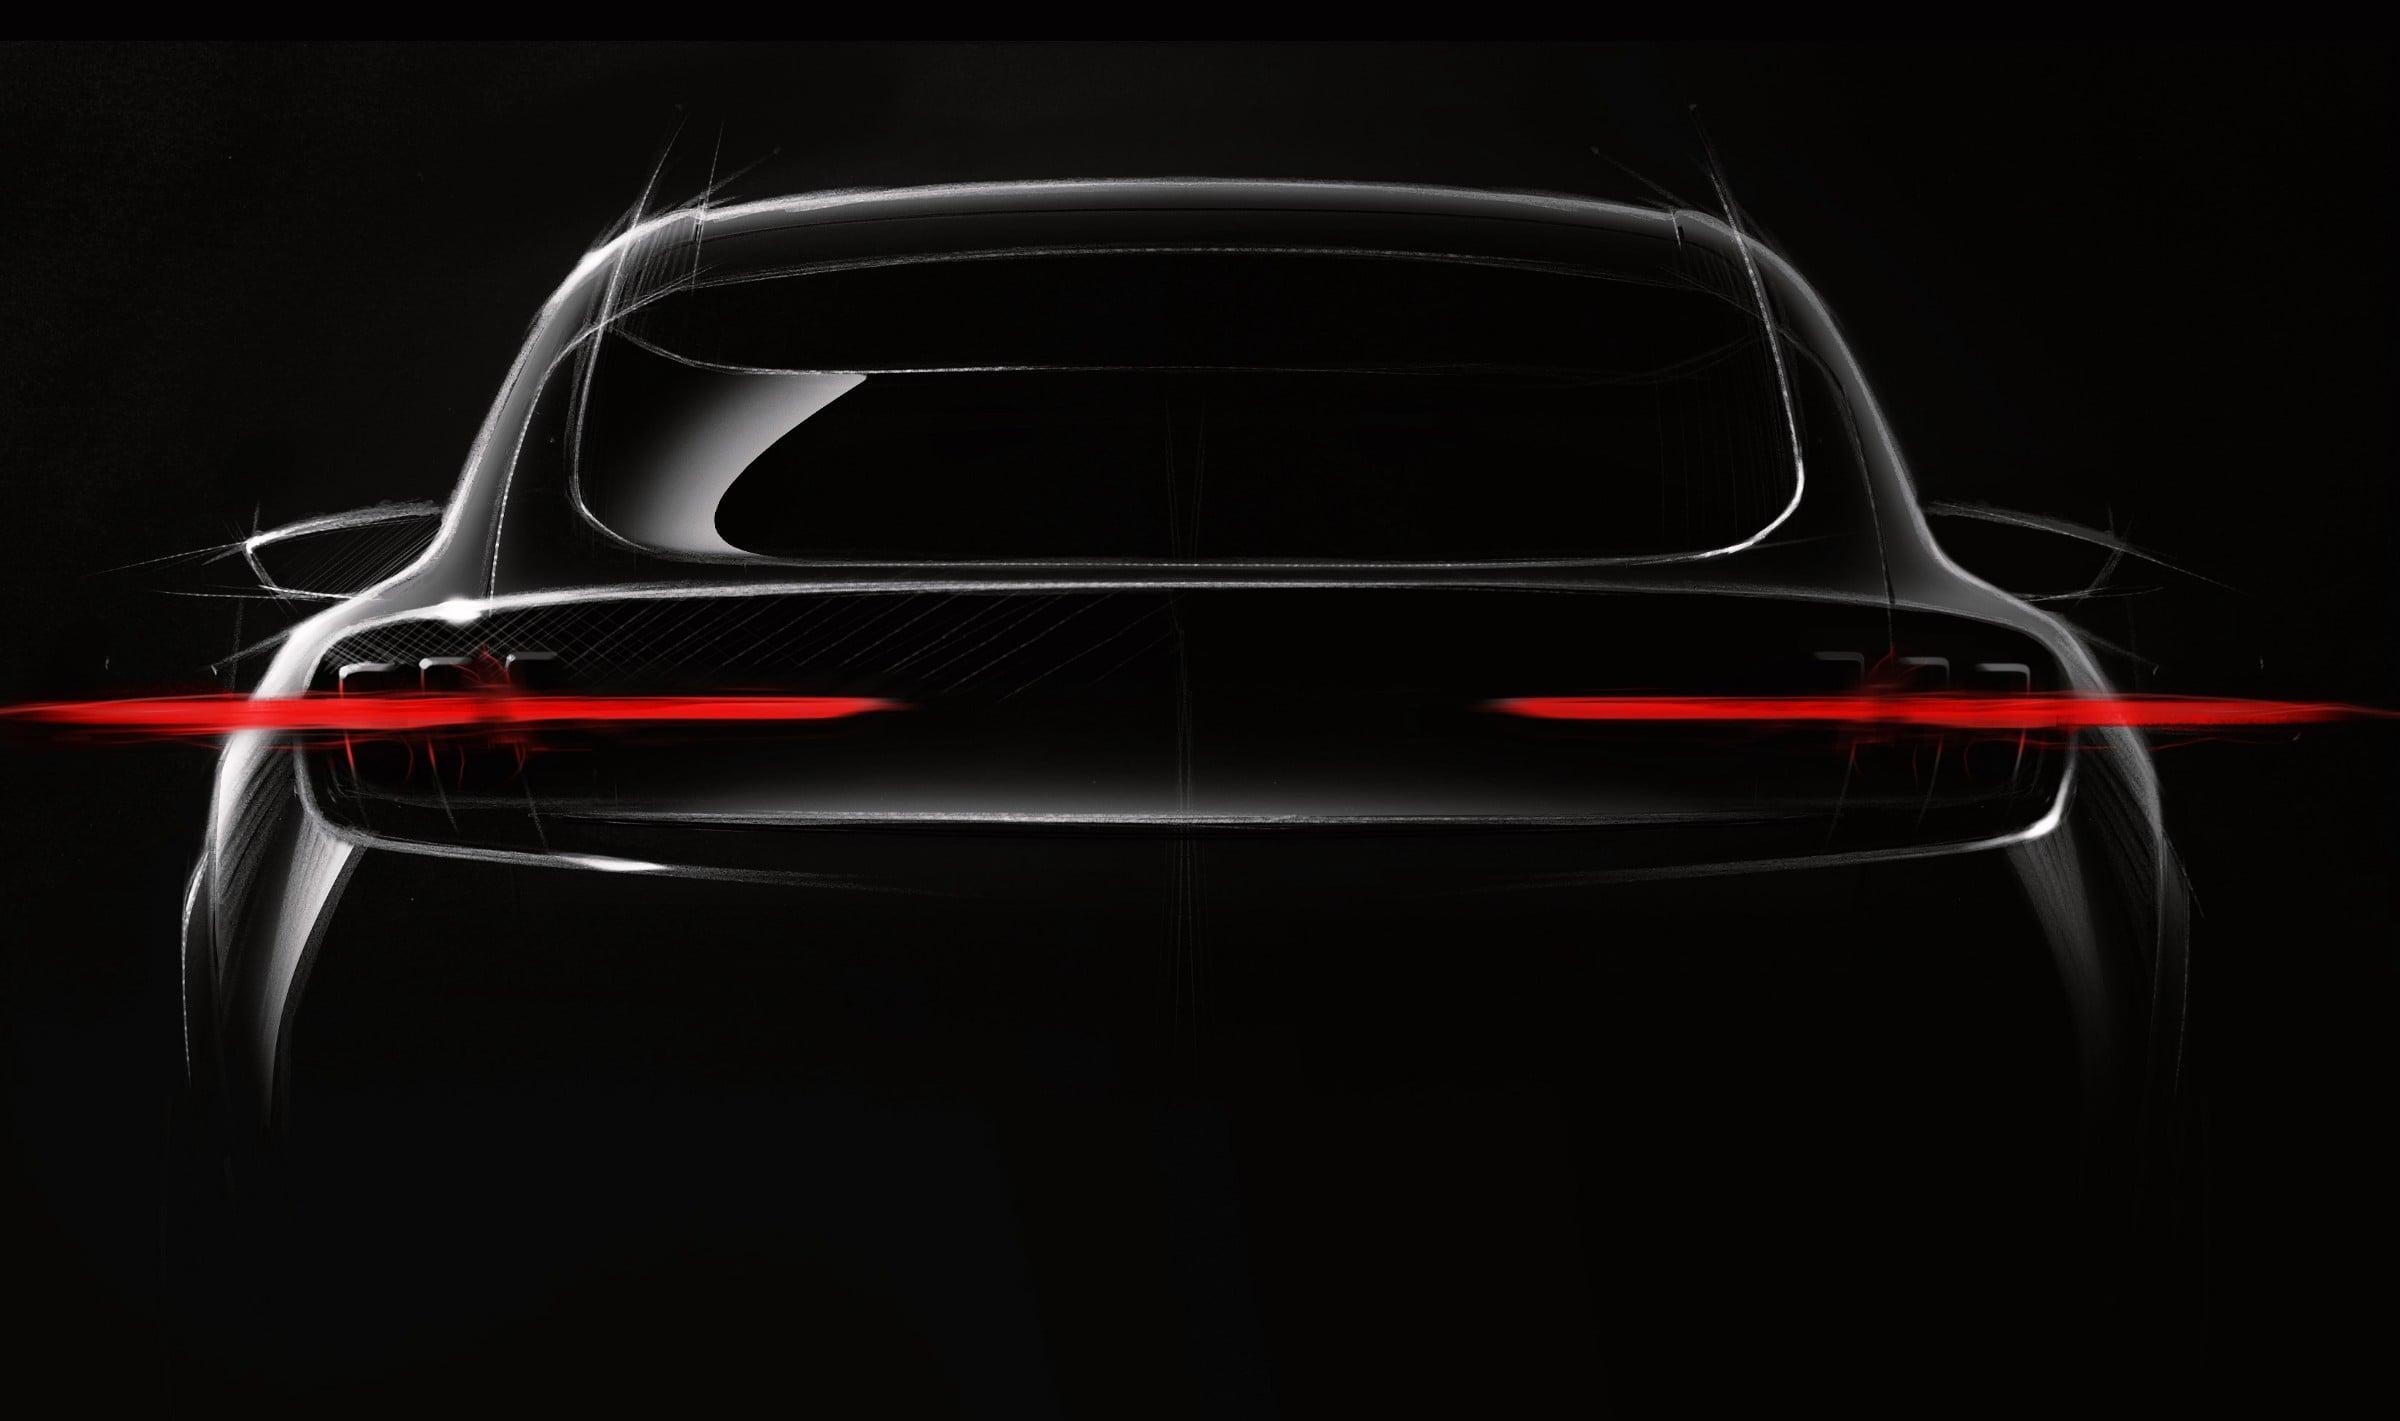 Elektryczny SUV inspirowany Fordem Mustangiem zapewni 600 km zasięgu 16